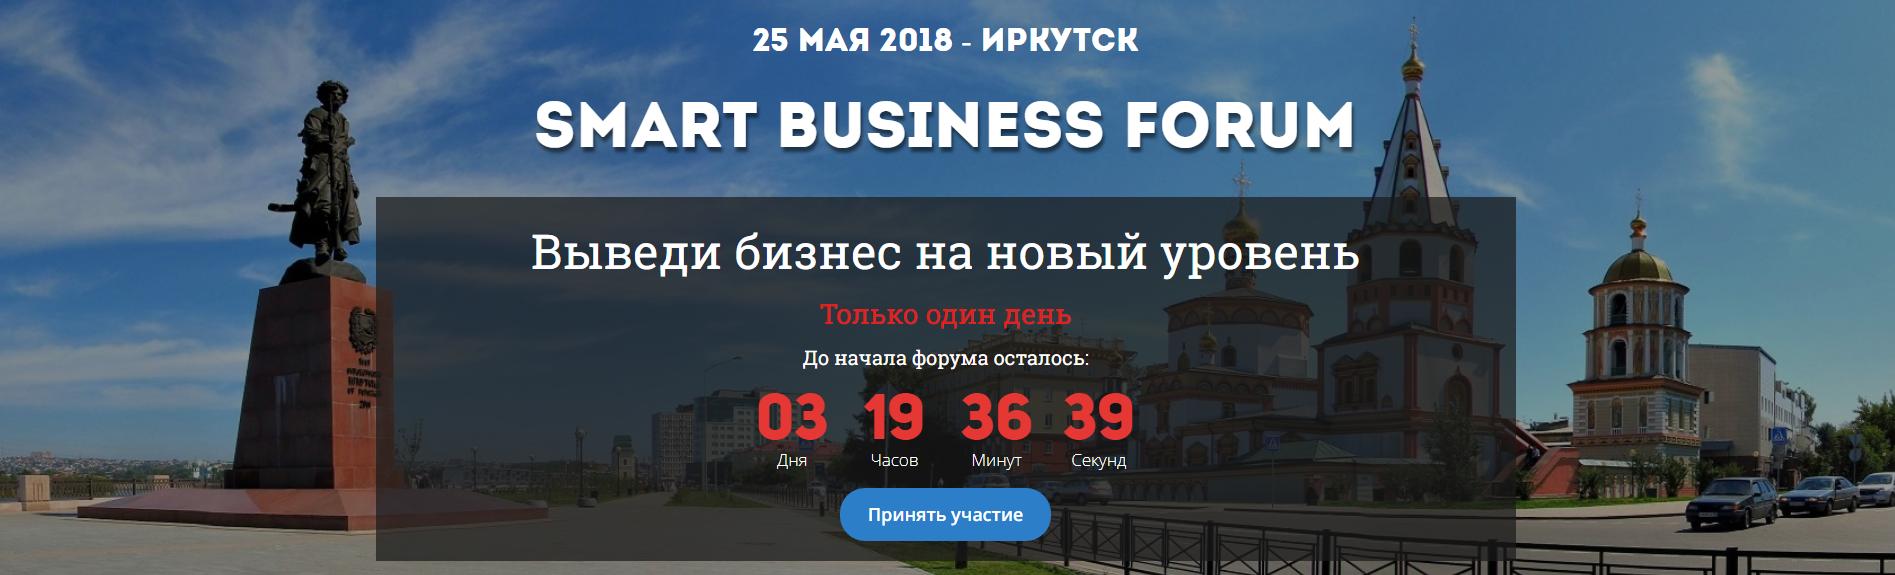 25 мая 2018 – Иркутск SMART BUSINESS FORUM